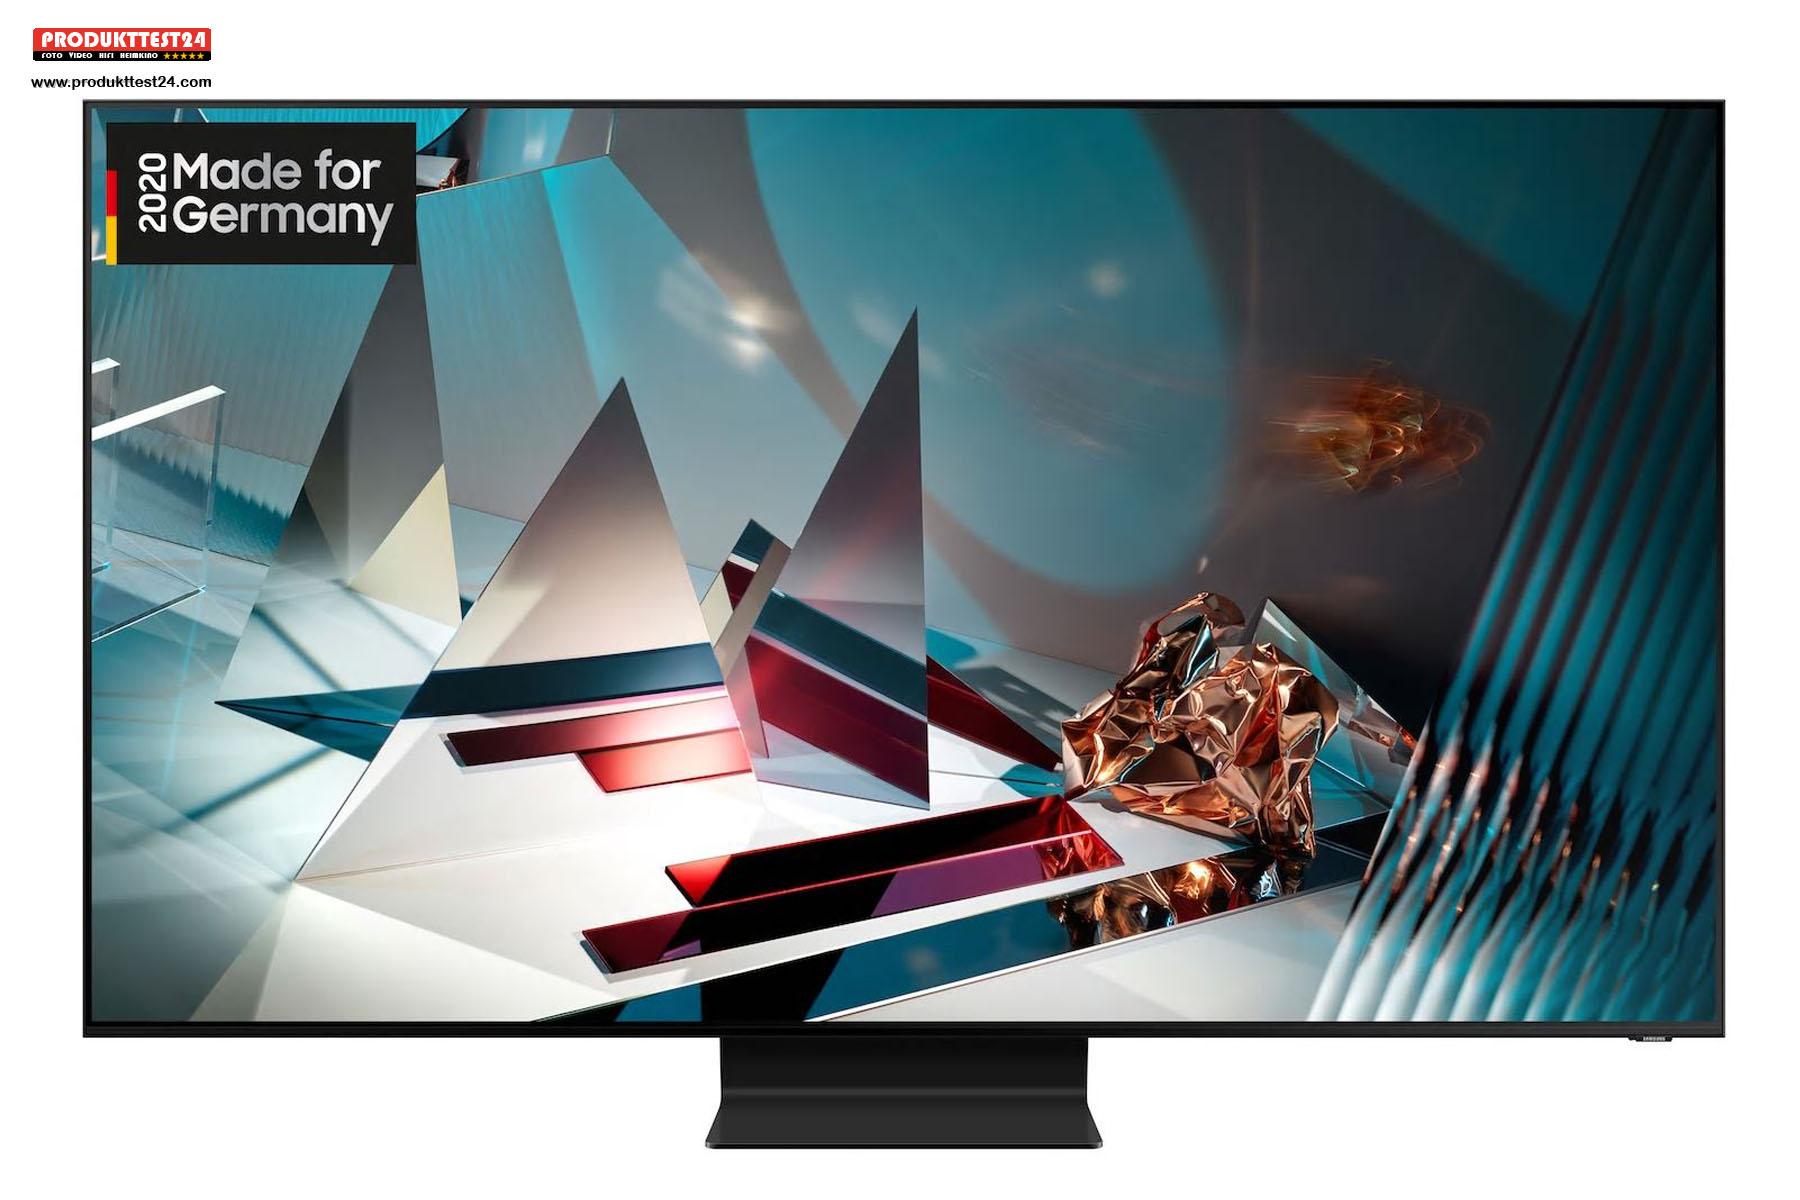 Samsung GQ65Q800T mit 4 HDMI 2.1 Anschlüssen, Twin Tuner und SmartTV